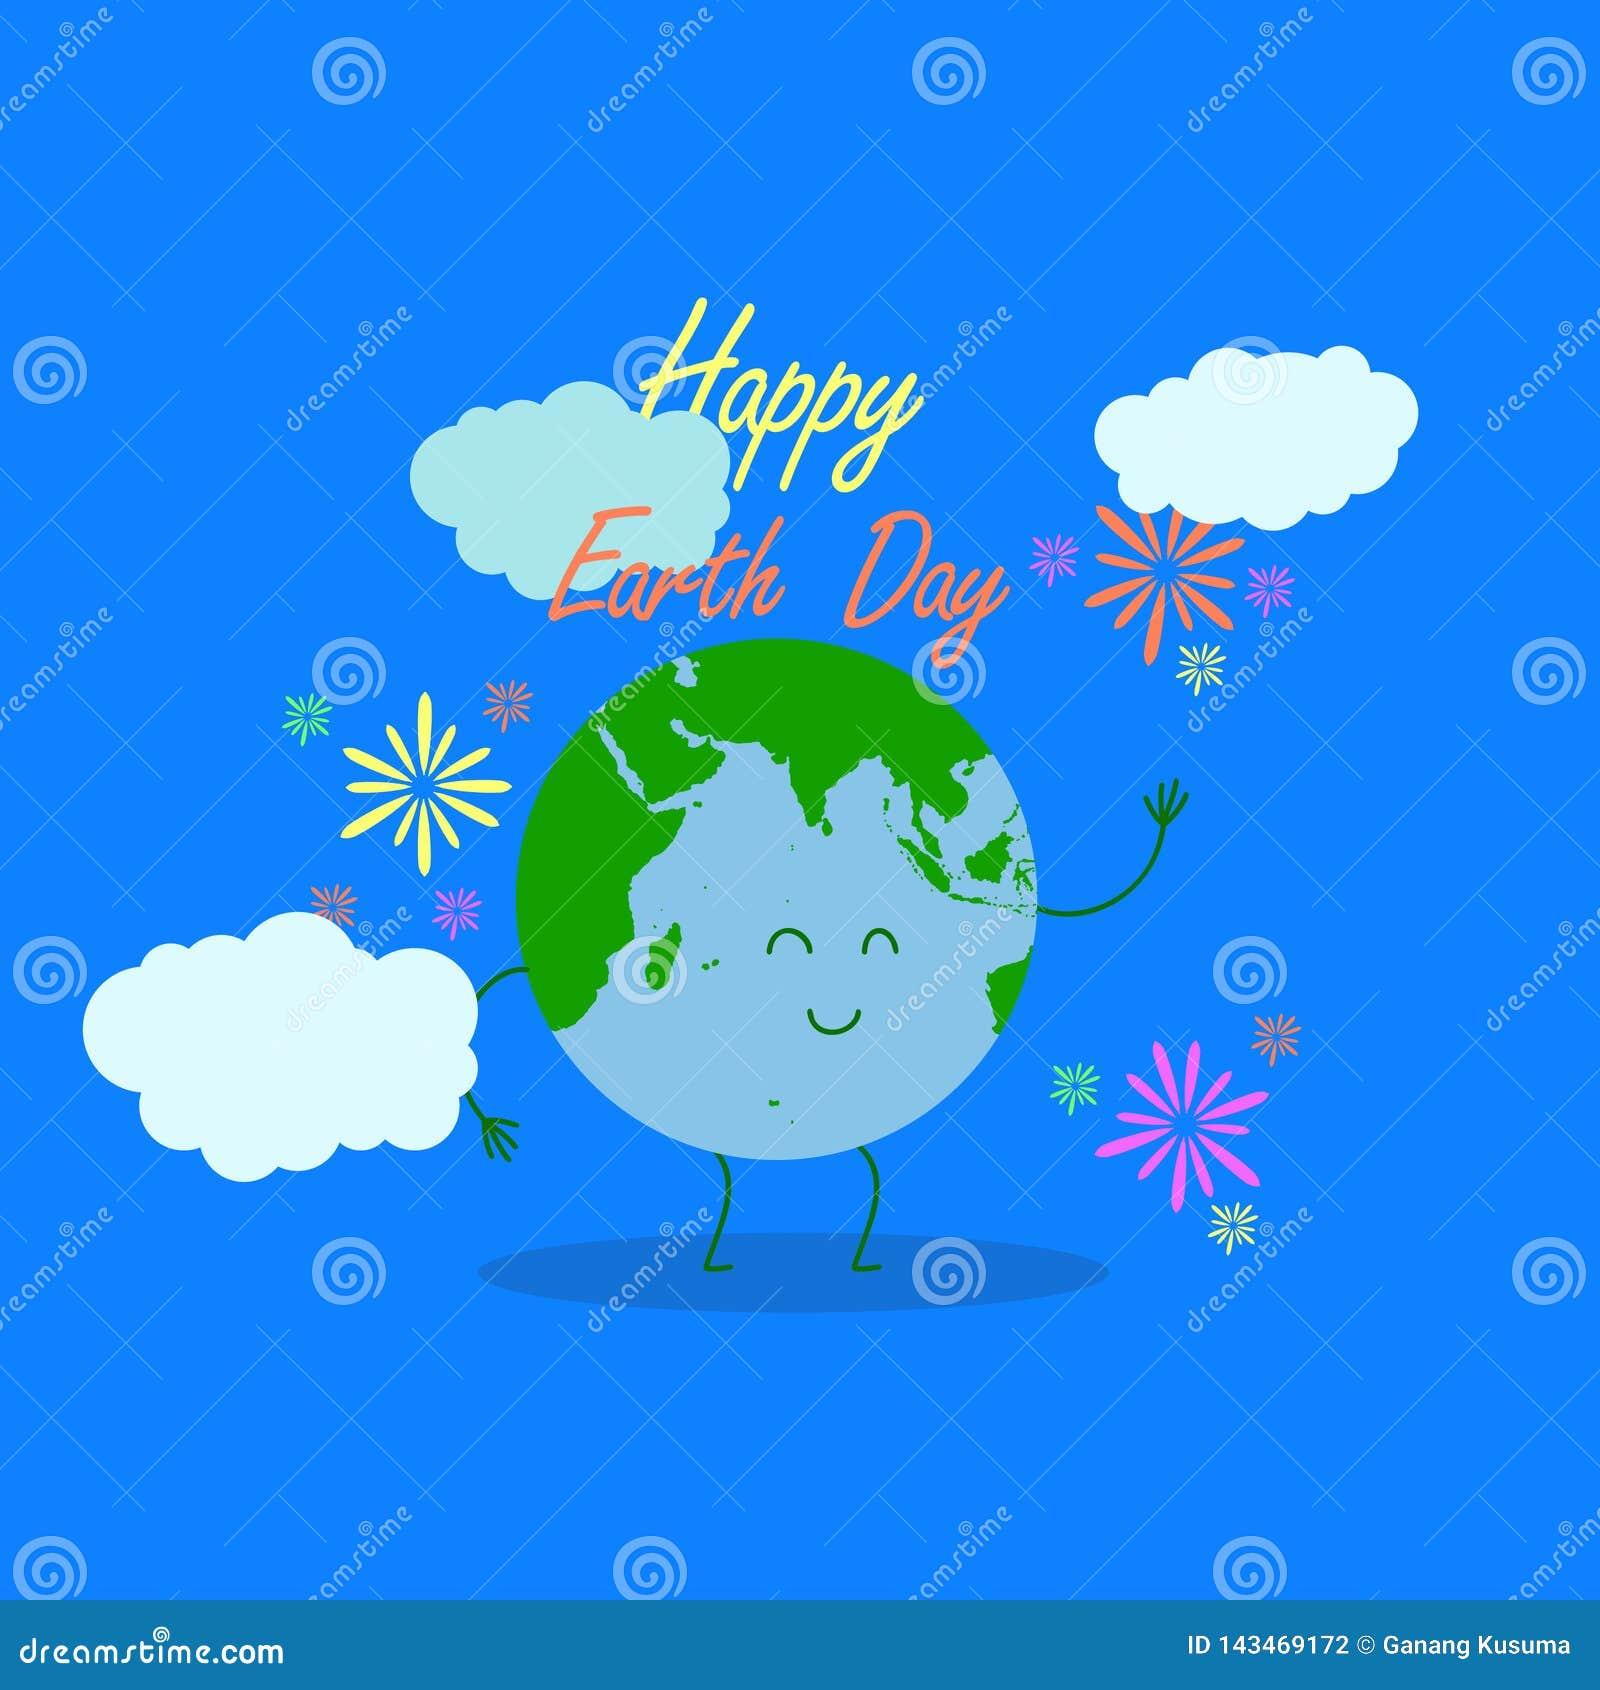 Ευτυχής απεικόνιση γήινης ημέρας με την ευτυχή τυπογραφία γήινης ημέρας, γήινος χαρακτήρας ως υπόβαθρο και να περιβάλει γραμμών α